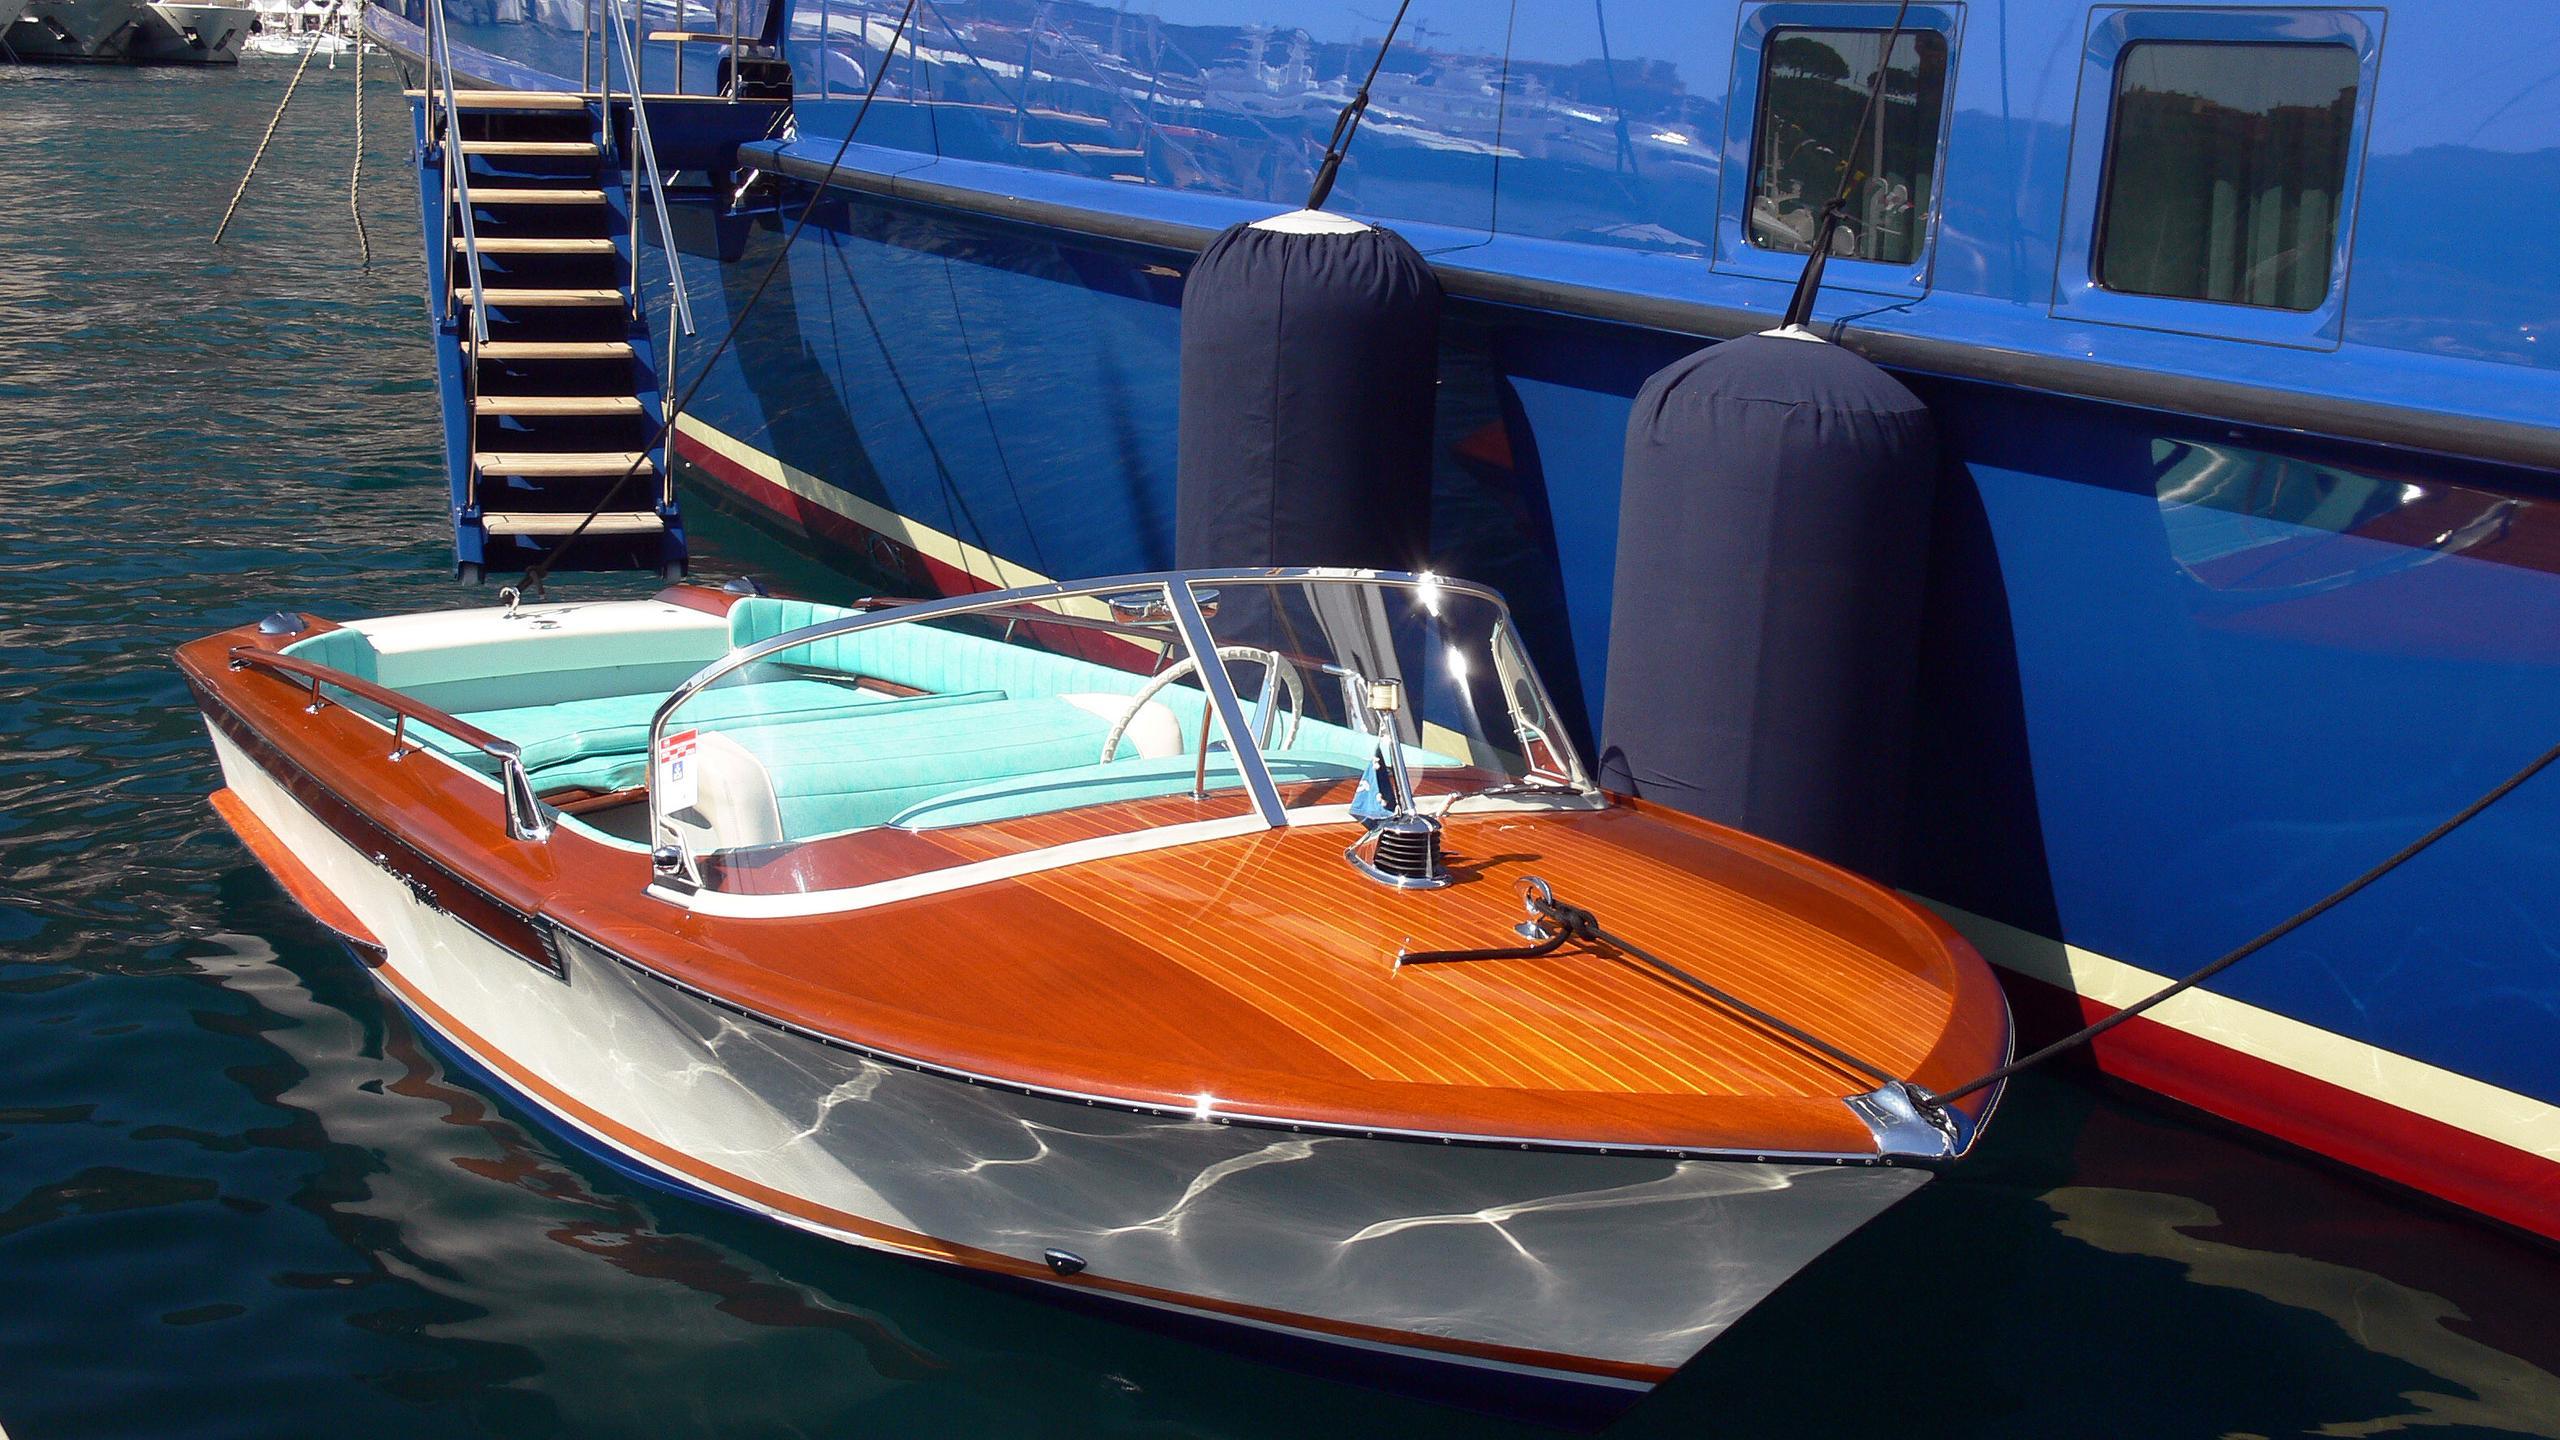 mitseaah-sailing-yacht-pendennis-2004-47m-vintage-tender